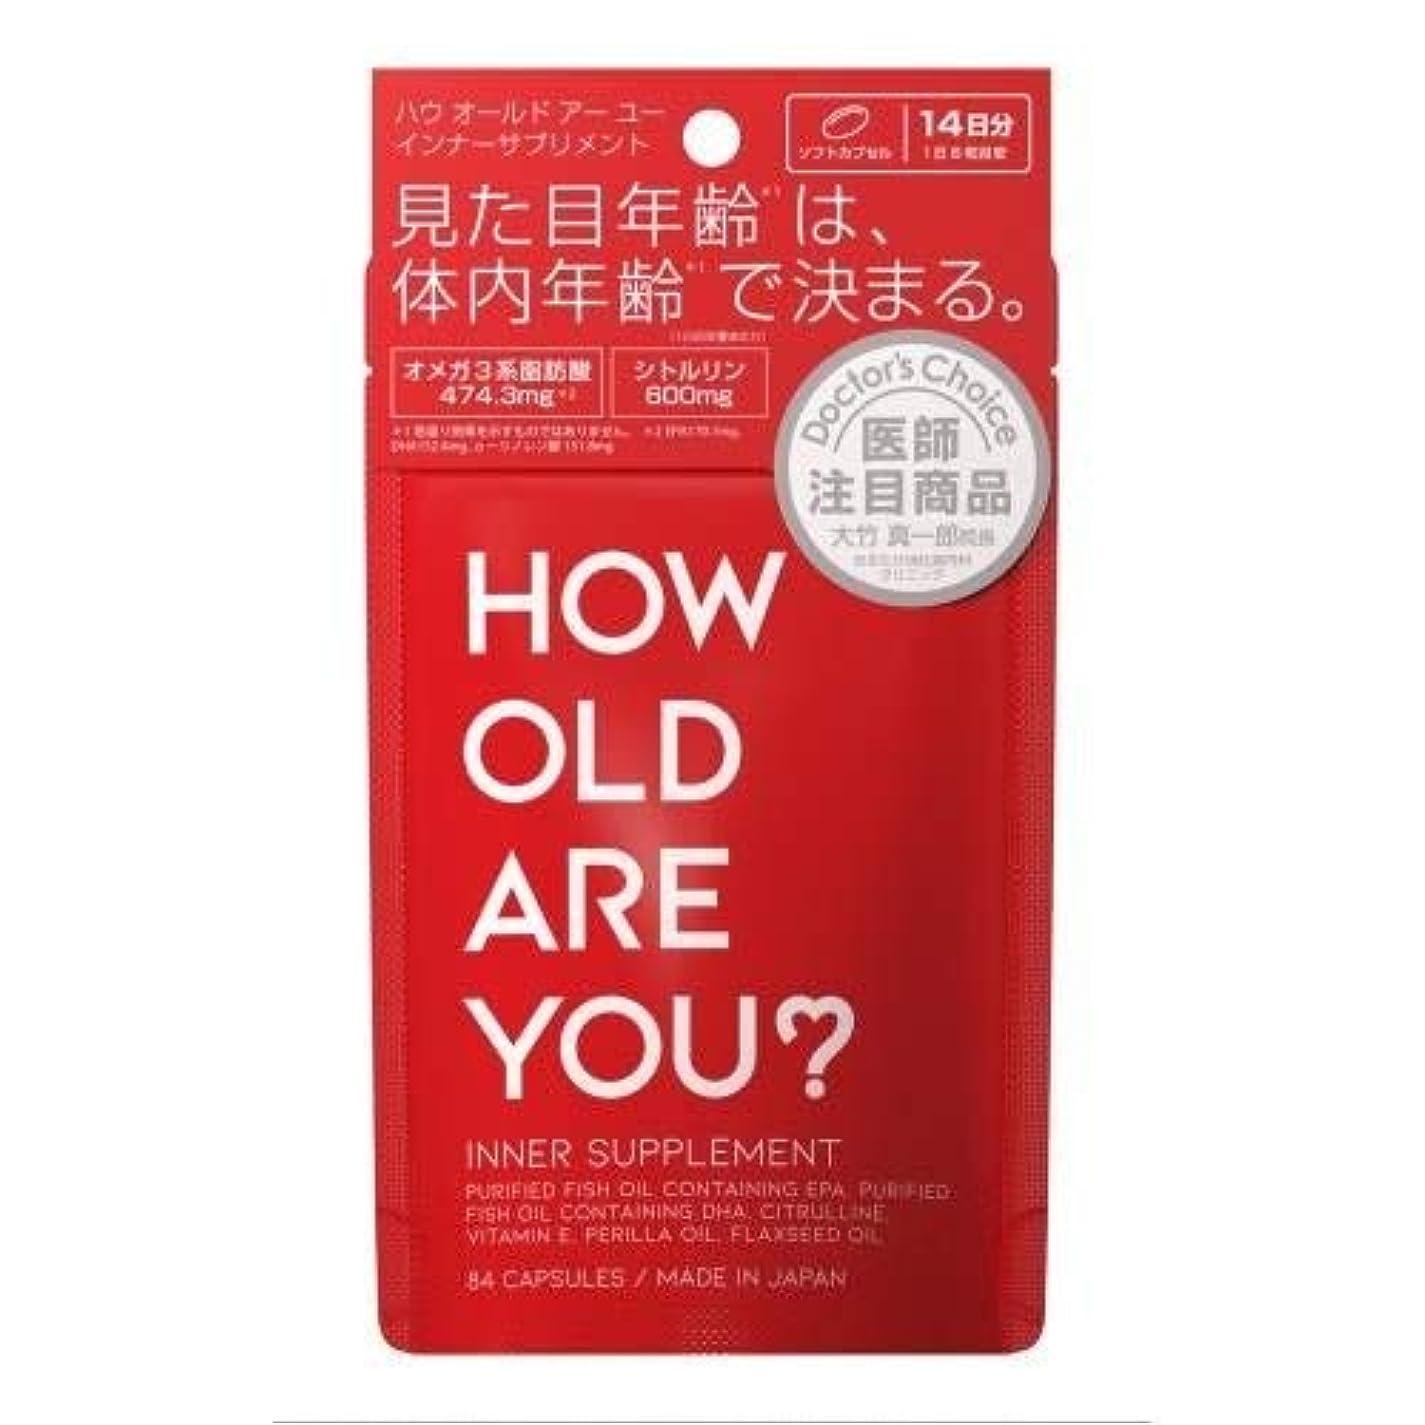 放射する不屈先史時代の【6個セット】HOW OLD ARE YOU?インナーサプリメント 84粒